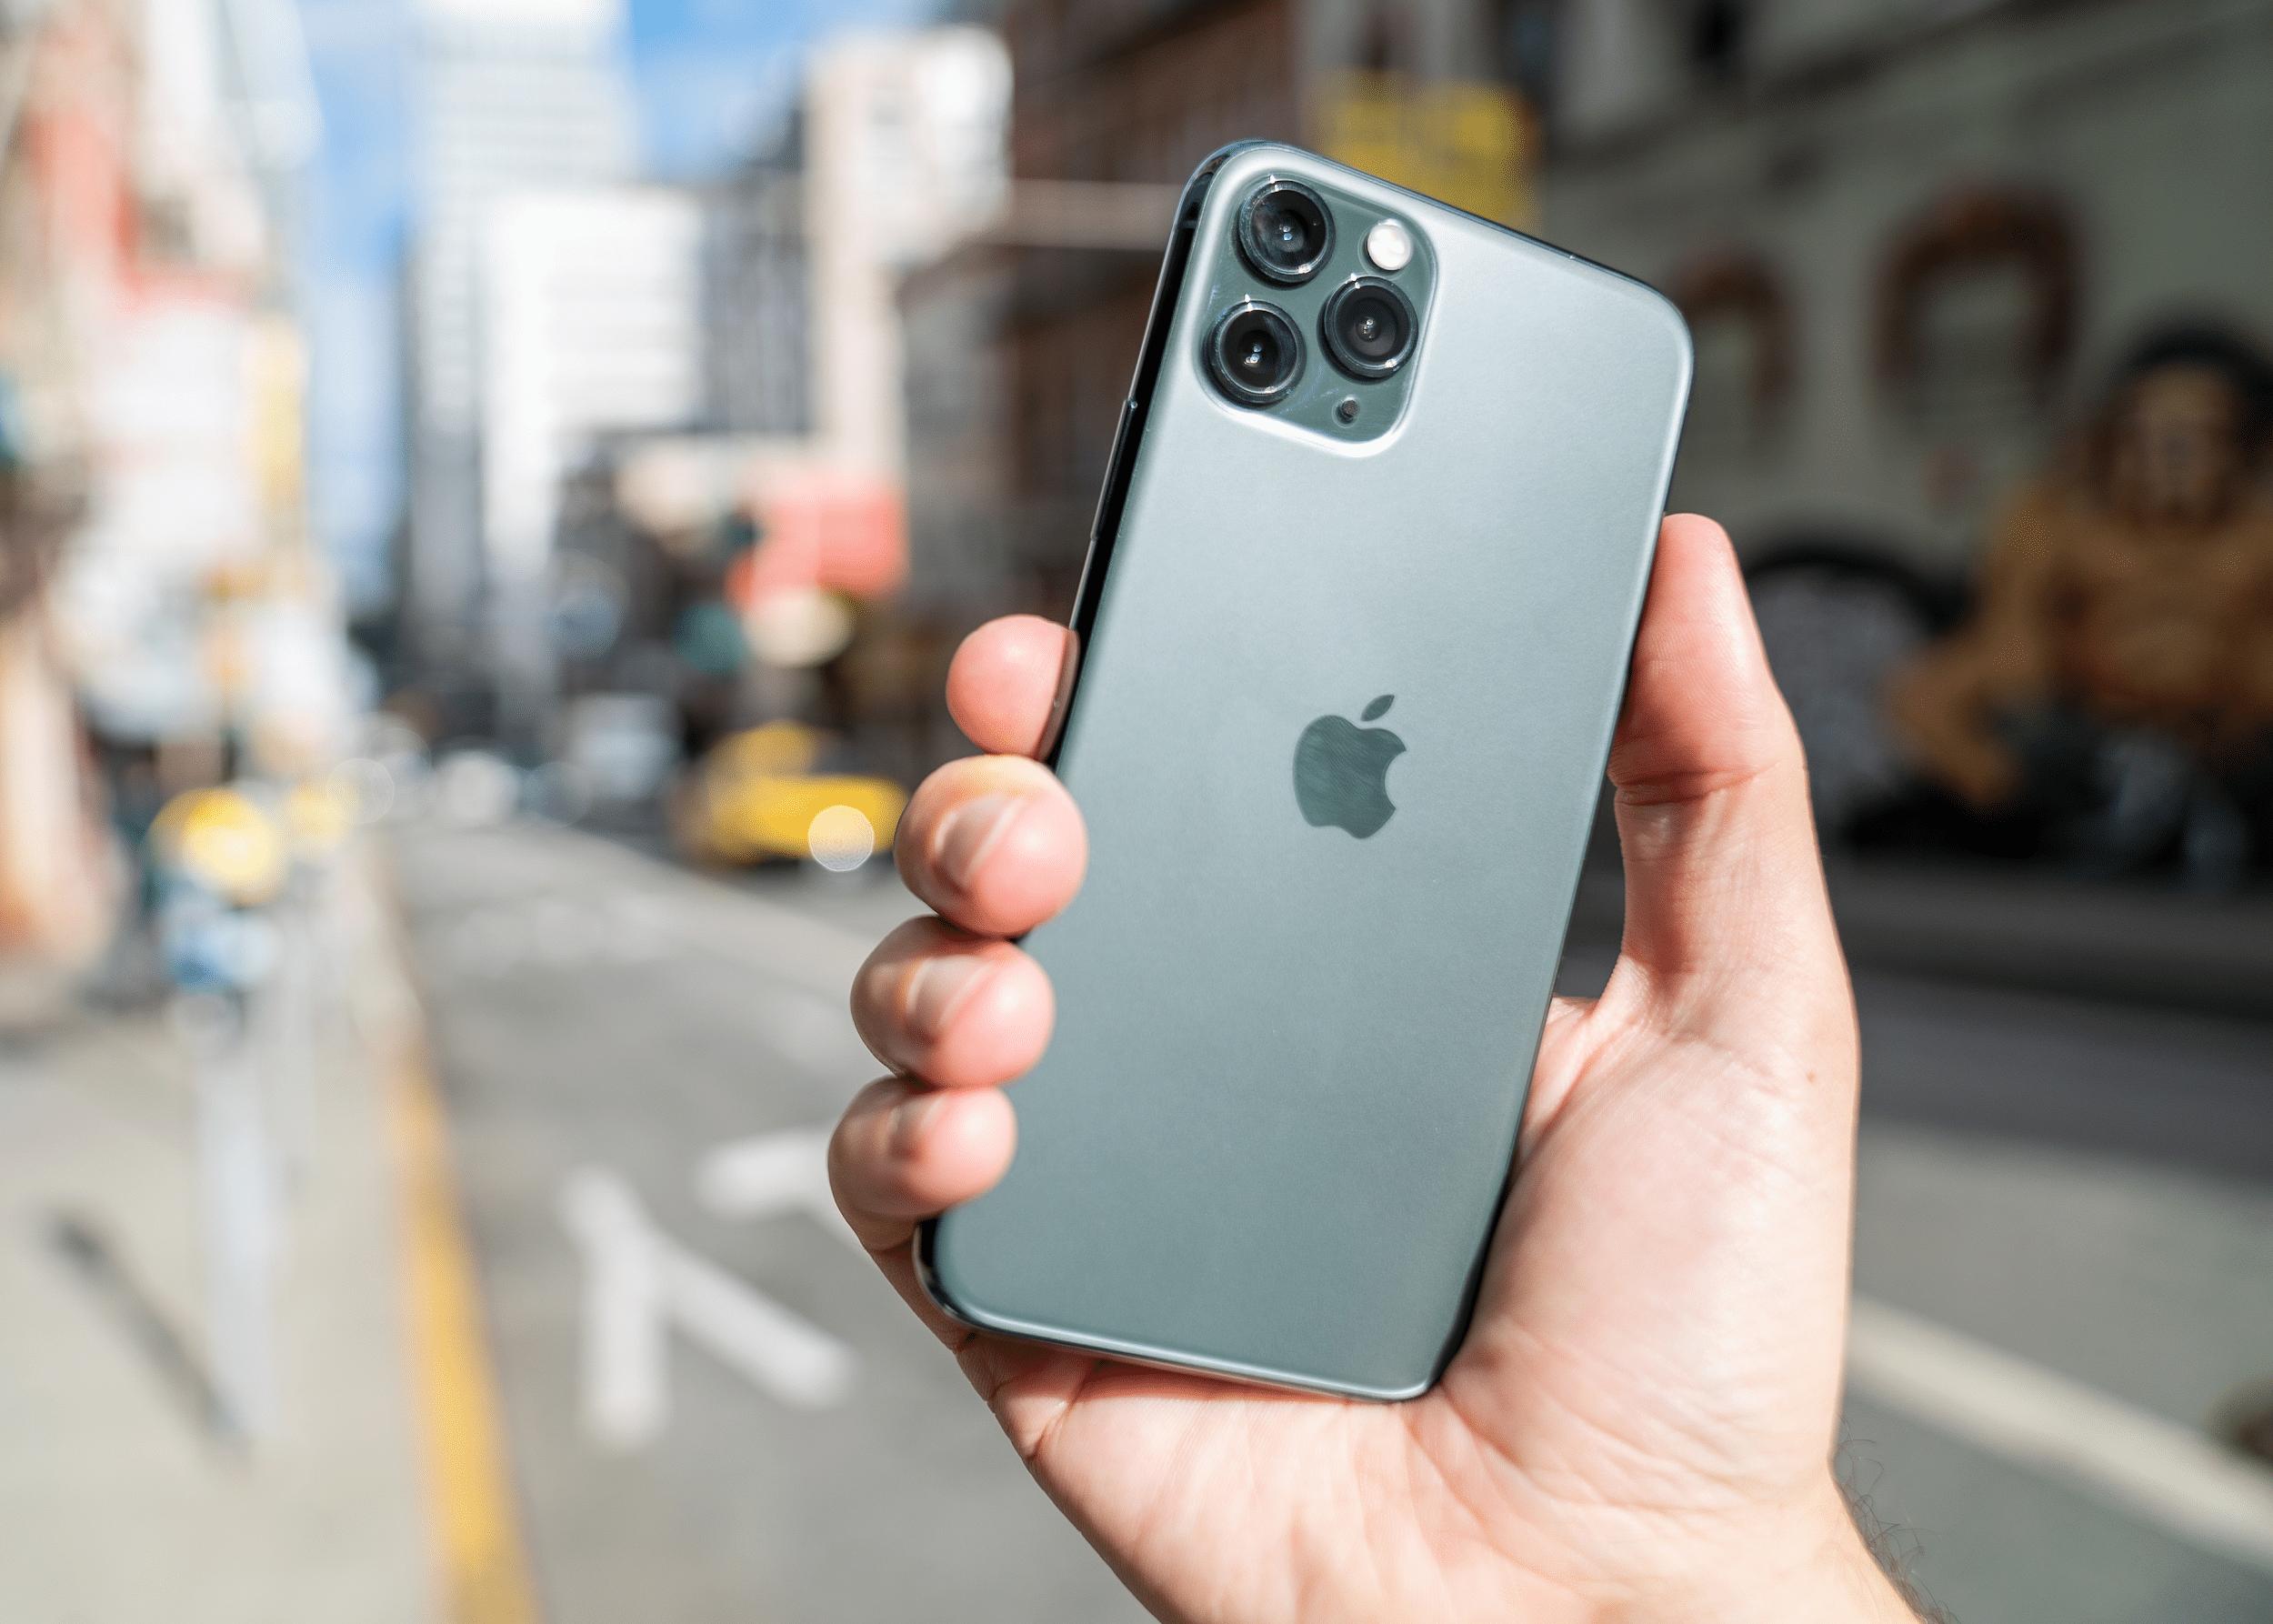 iPhone cũ giảm giá mạnh, nhiều dòng giảm gần 10 triệu đồng - Ảnh 3.